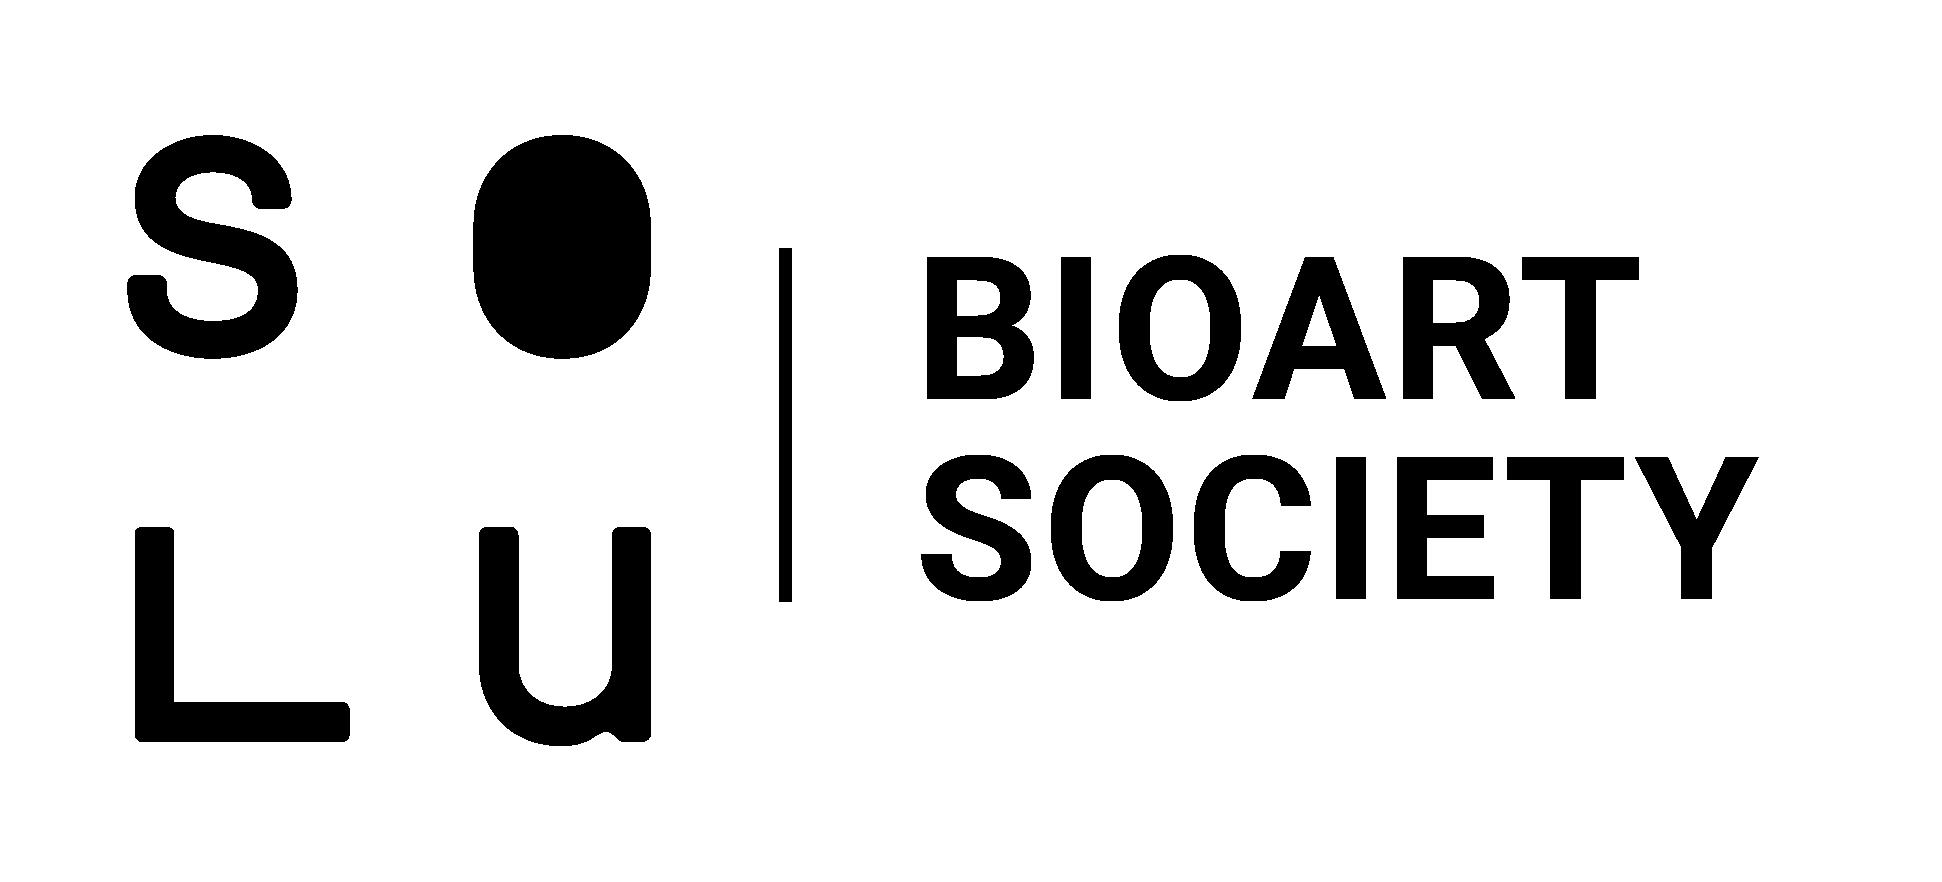 Solu bioart